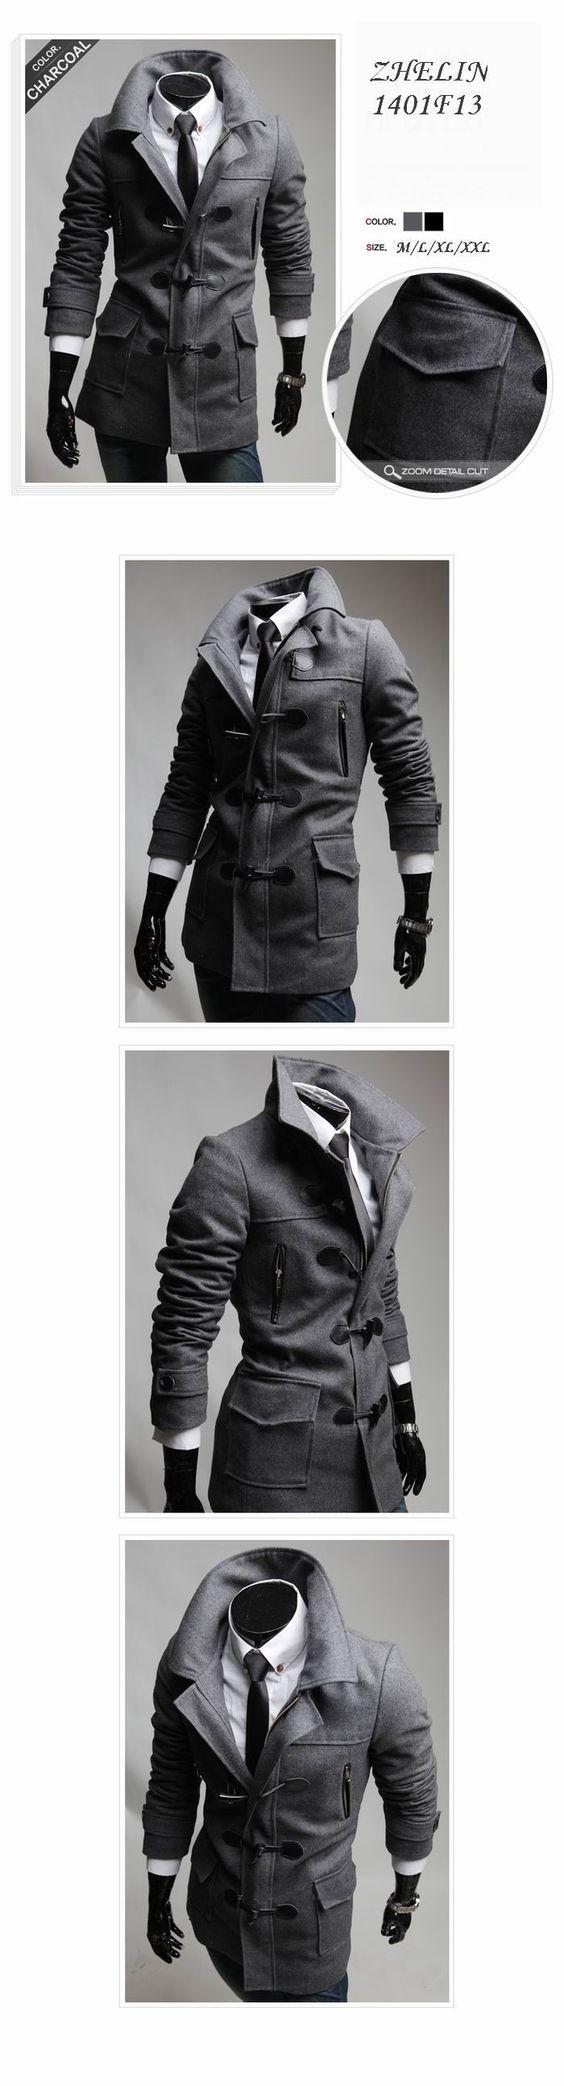 Moda Stylish Men casacos 2015 dos homens de lã masculino trincheira casacos de inverno casaco de lã botão da buzina casaco de lã casacos M XXL em Lã e Mesclas de Roupas e Acessórios Masculinos no AliExpress.com | Alibaba Group